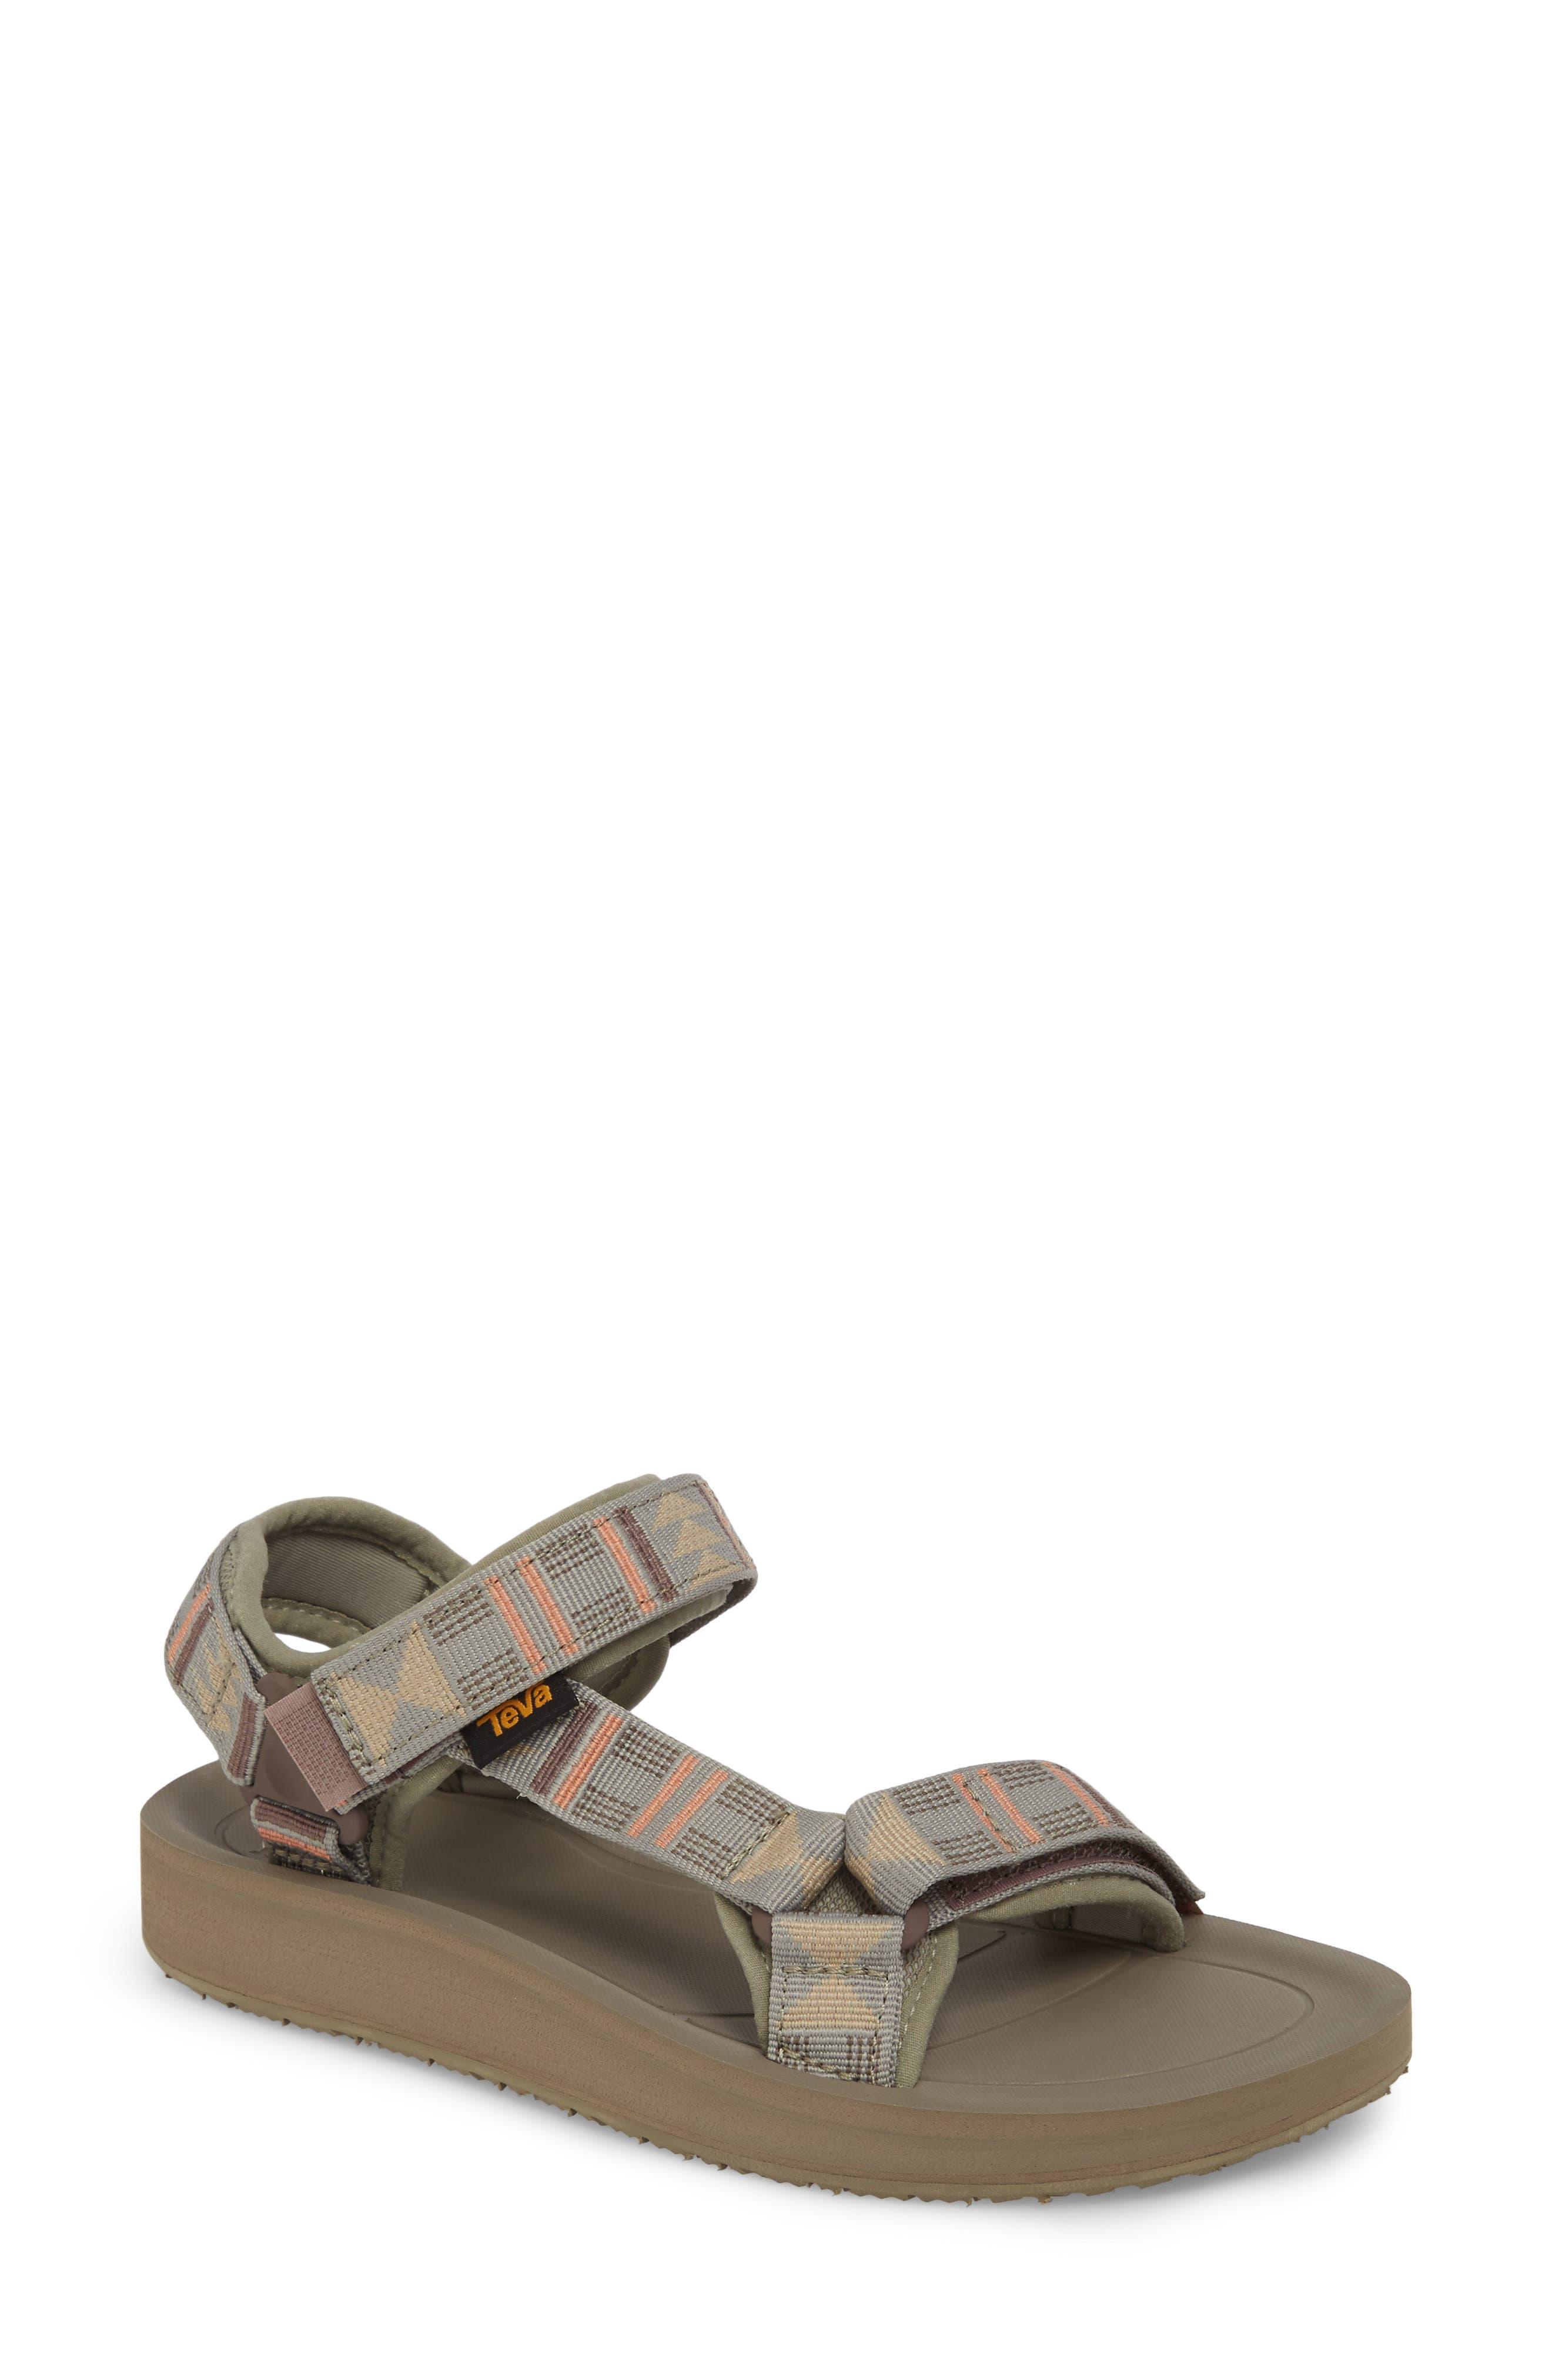 TEVA Original Universal Premier Sandal, Main, color, 250